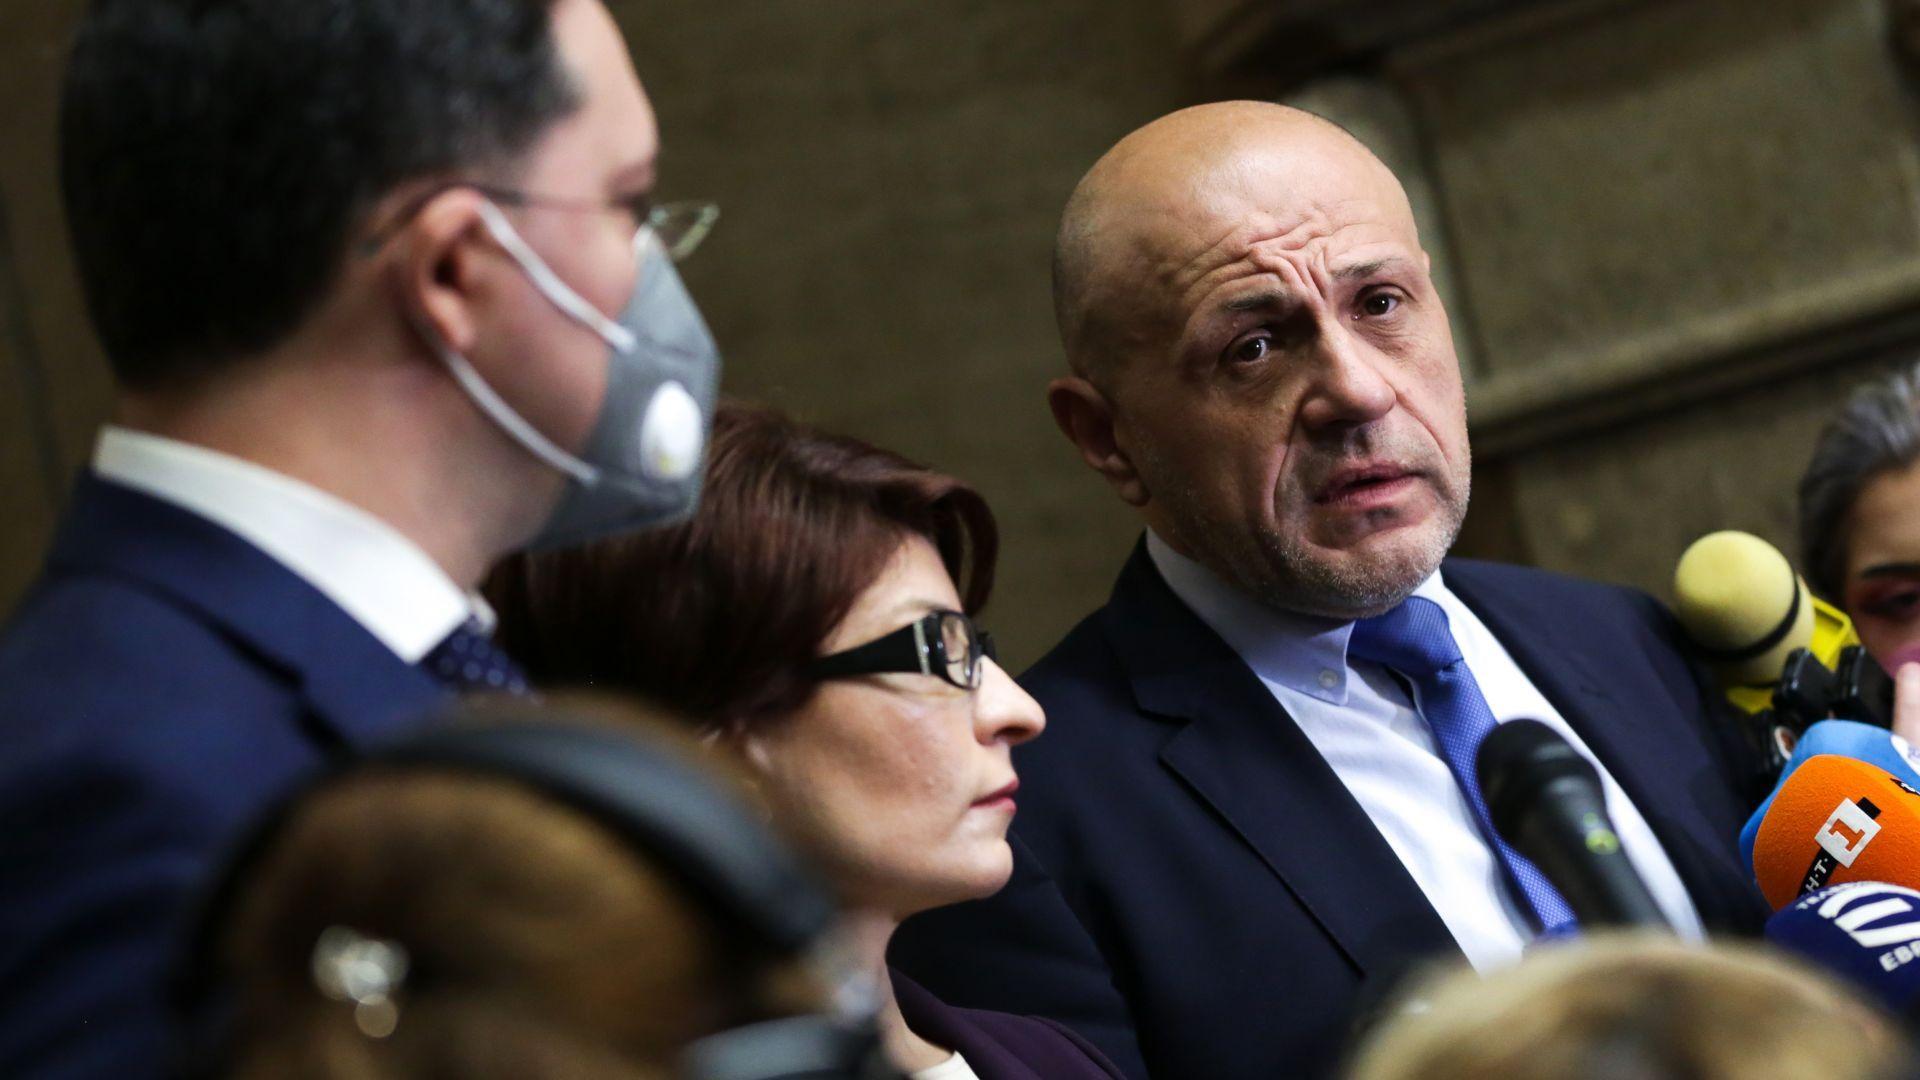 ГЕРБ може да върне мандата и да не внесе проектокабинета си в Народното събрание (видео)